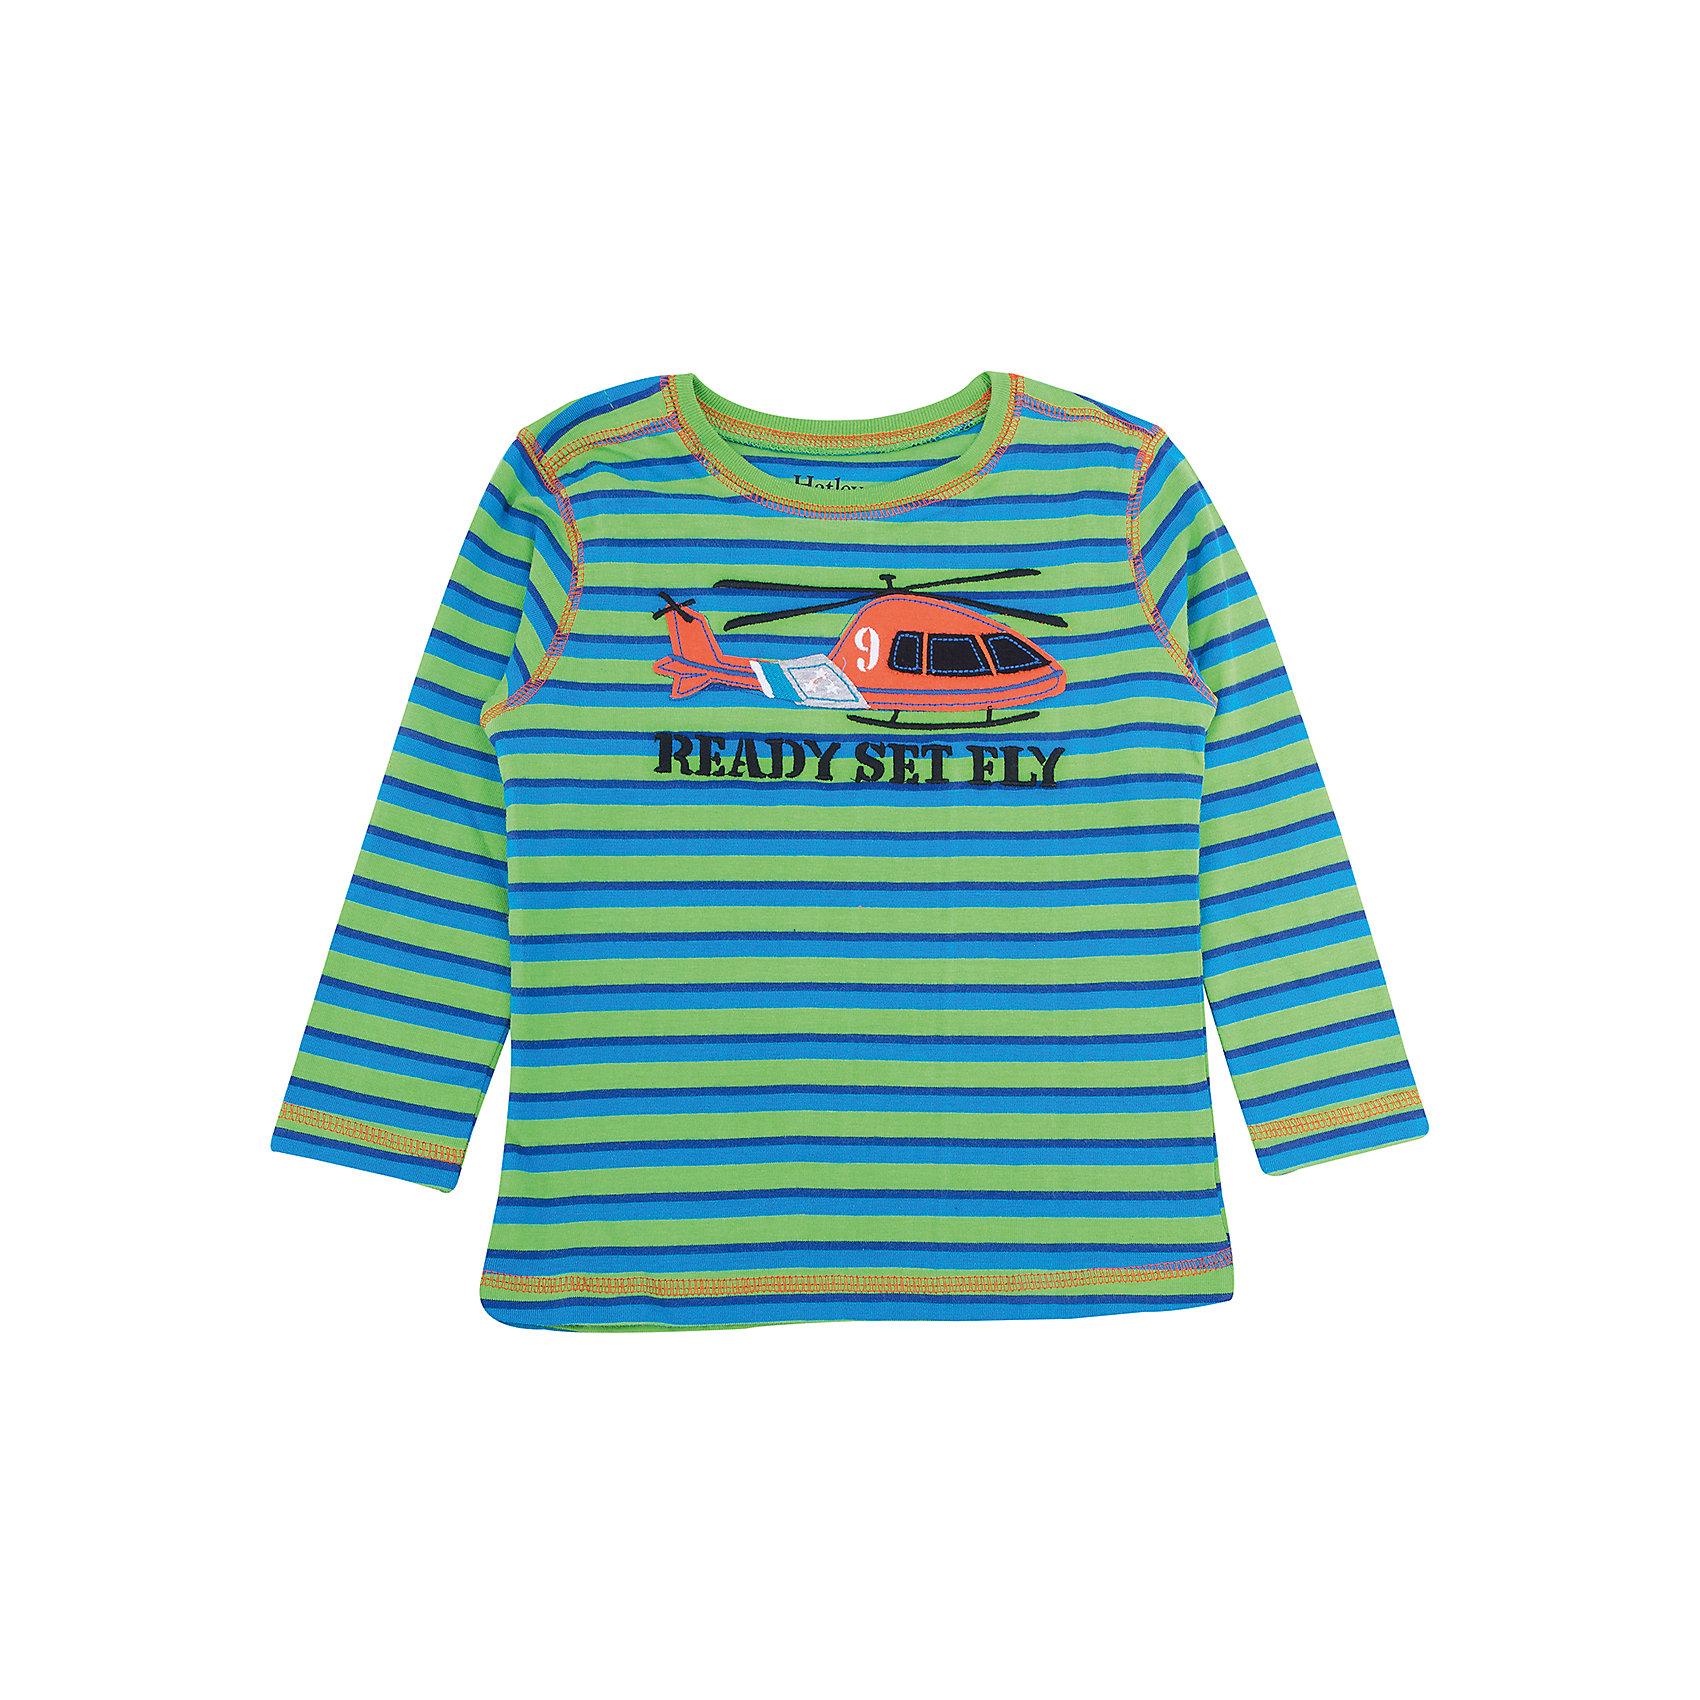 Футболка с длинным рукавом для мальчика HatleyФутболки с длинным рукавом<br>Футболка с длинным рукавом для мальчика Hatley<br><br>Характеристики:<br><br>• Состав: 100% хлопок<br>• Цвет: зеленый, синий<br><br>Красивая и модная футболка с длинными рукавами идеально подойдет для летней прохладной погоды или для носки в помещении. Благодаря тому, что ткань натуральная и не вызывает аллергии, ребенок сможет бегать и прыгать, не боясь, что вспотеет и на коже будут раздражения. Яркий и забавный принт-аппликация с вертолетом делает футболку еще и очень привлекательной. Контраст рукавов и кофты, прострочка воротника, рукавов и низа делает дизайн футболки неповторимым.<br><br>Футболку с длинным рукавом для мальчика Hatley можно купить в нашем интернет-магазине.<br><br>Ширина мм: 230<br>Глубина мм: 40<br>Высота мм: 220<br>Вес г: 250<br>Цвет: зеленый<br>Возраст от месяцев: 36<br>Возраст до месяцев: 48<br>Пол: Мужской<br>Возраст: Детский<br>Размер: 110,98,104,92<br>SKU: 5020658